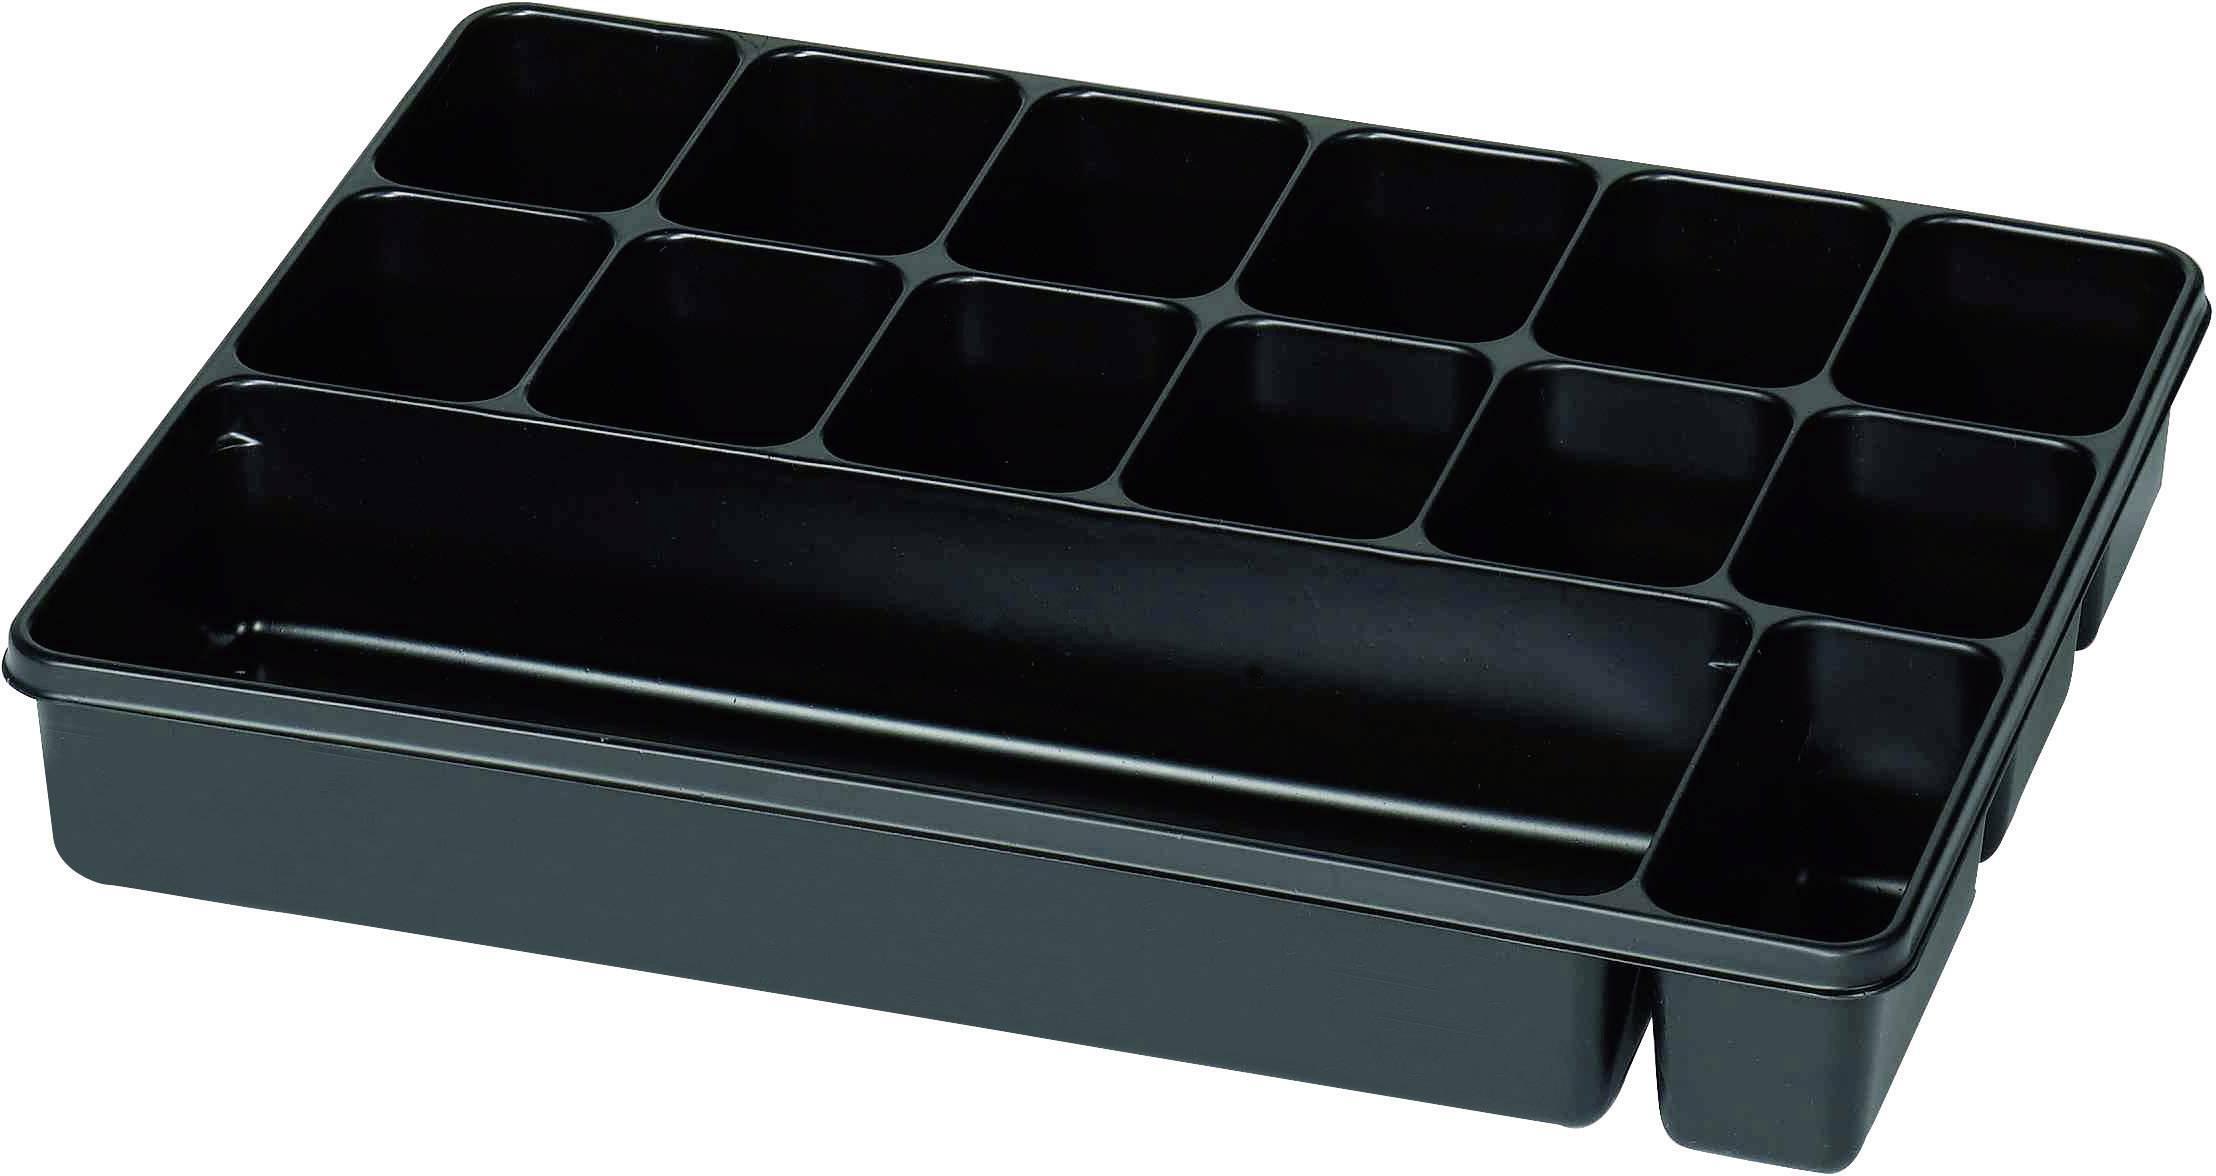 Plastová krabička na drobné súčiastky 815353, priečinkov: 14, 335 x 235 x 50 , čierna